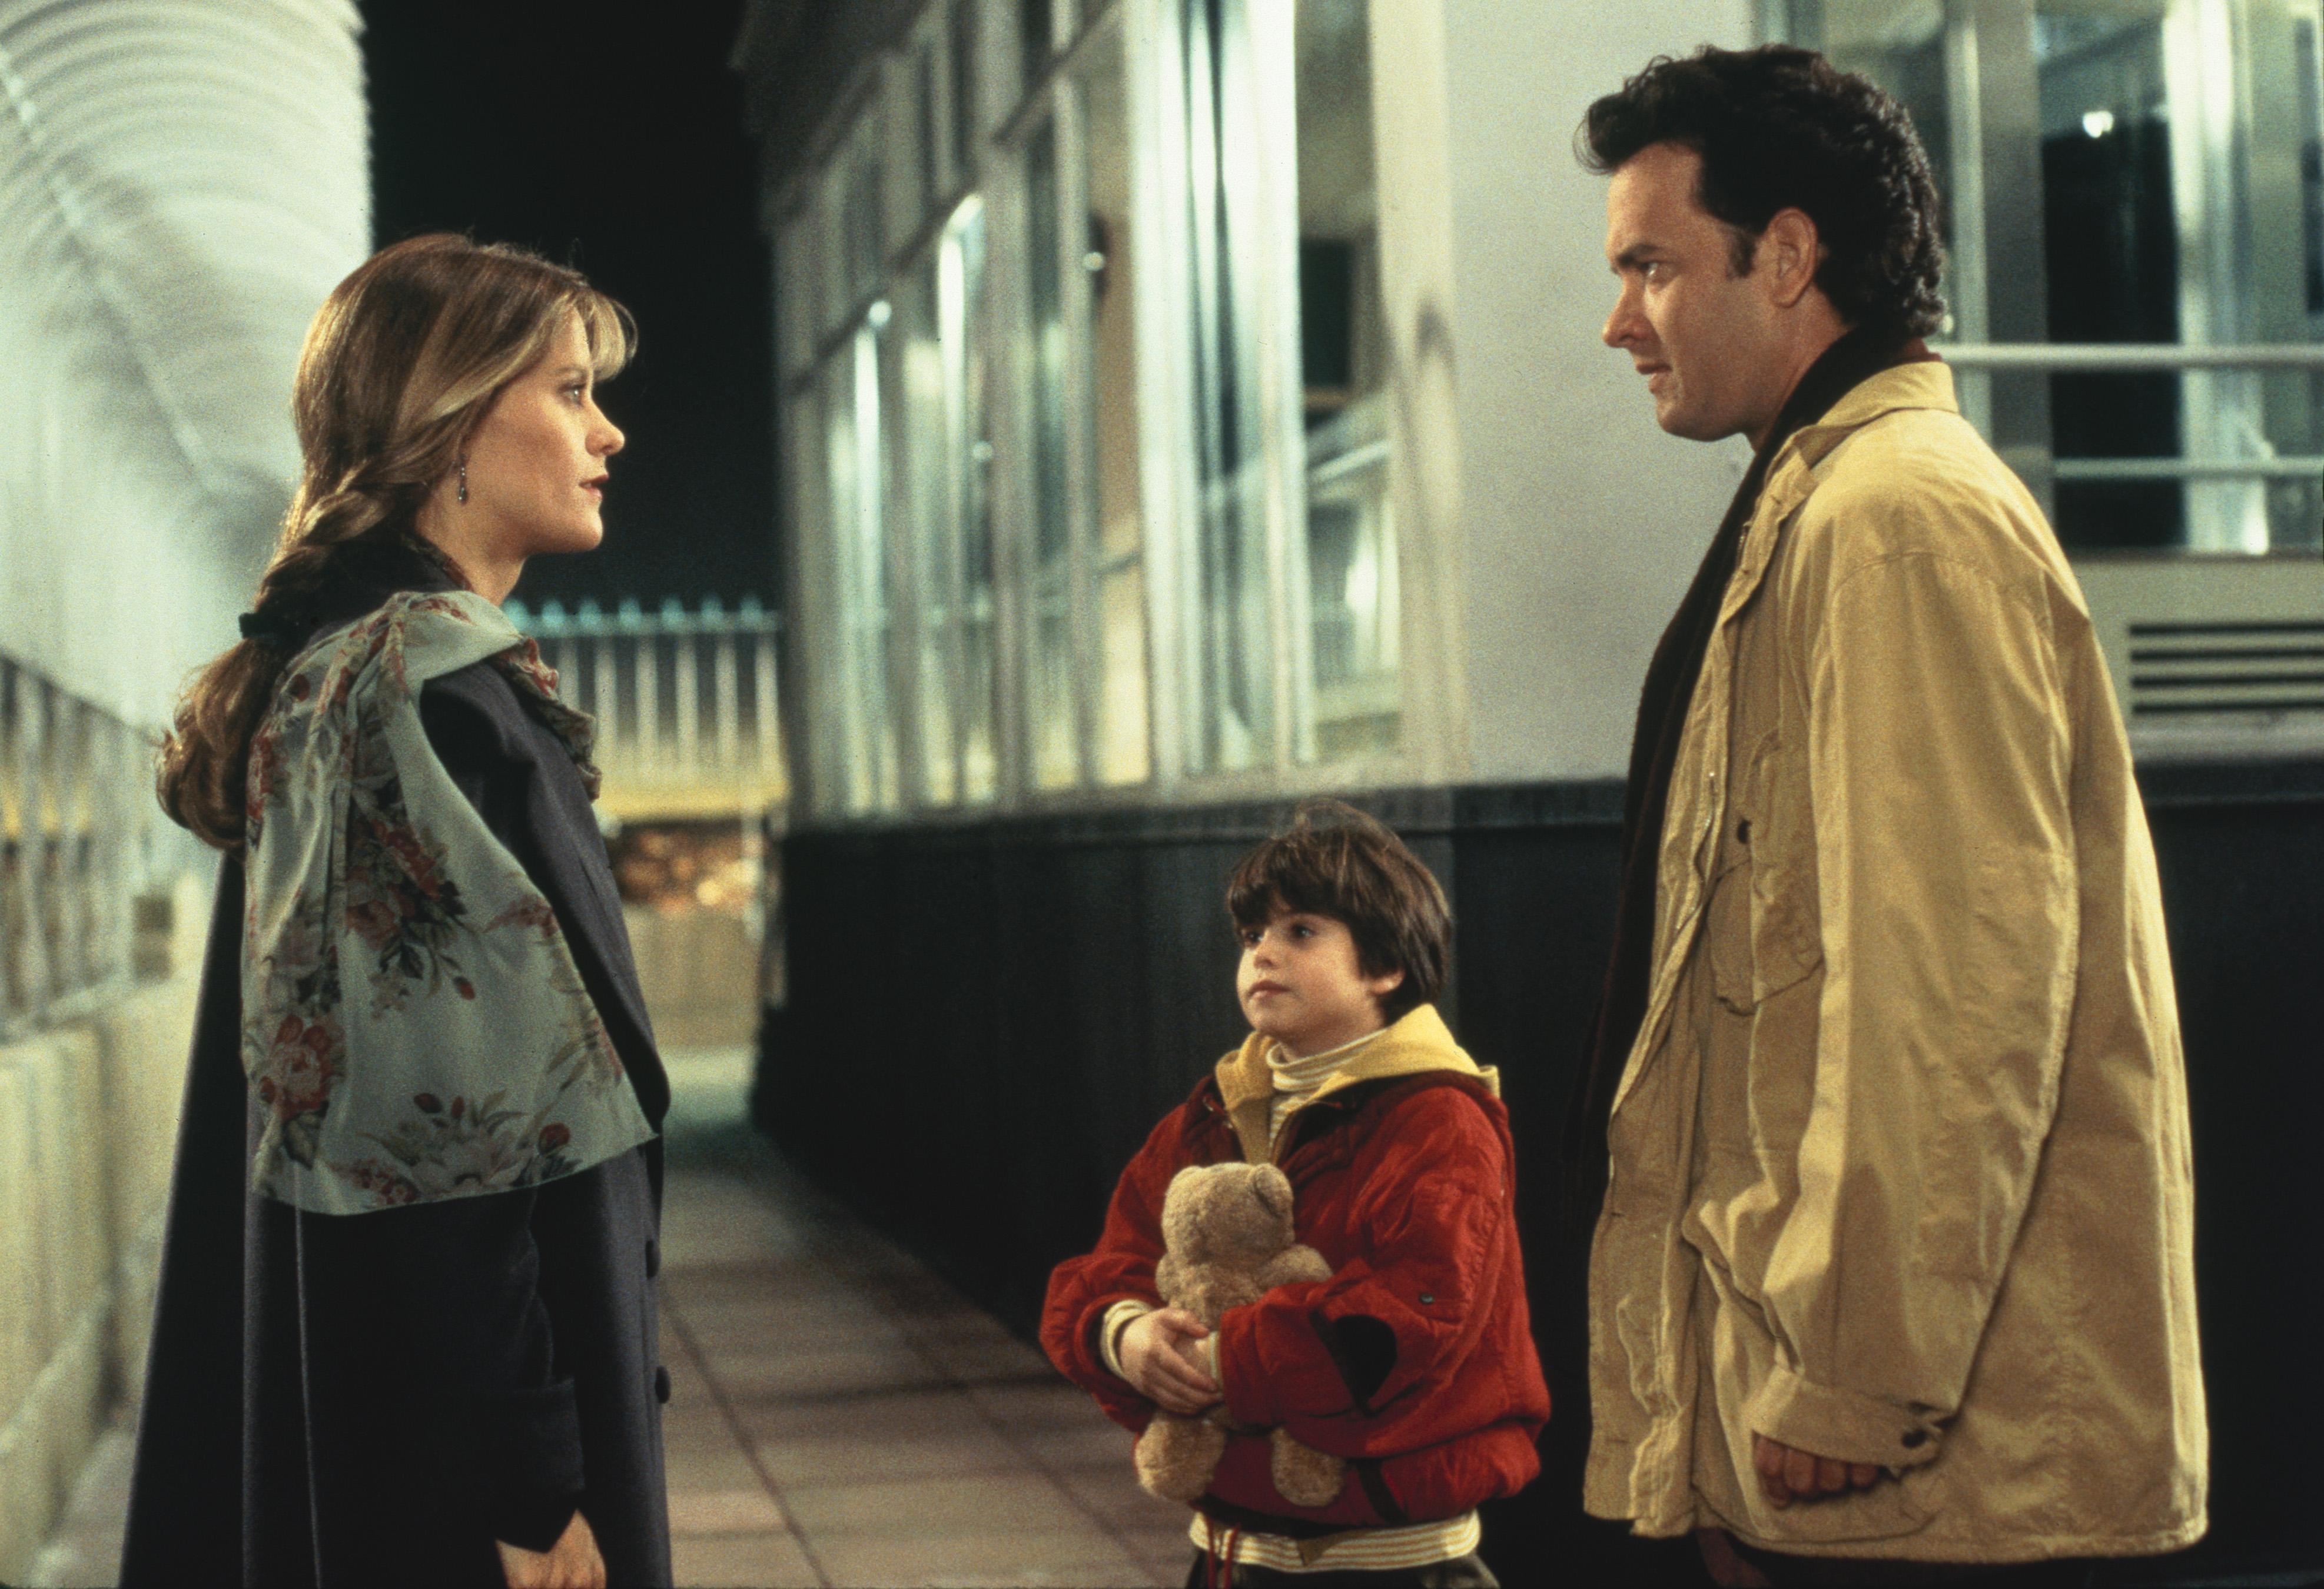 New York Romantic Comedies, Sleepless in Seattle - Tom Hanks